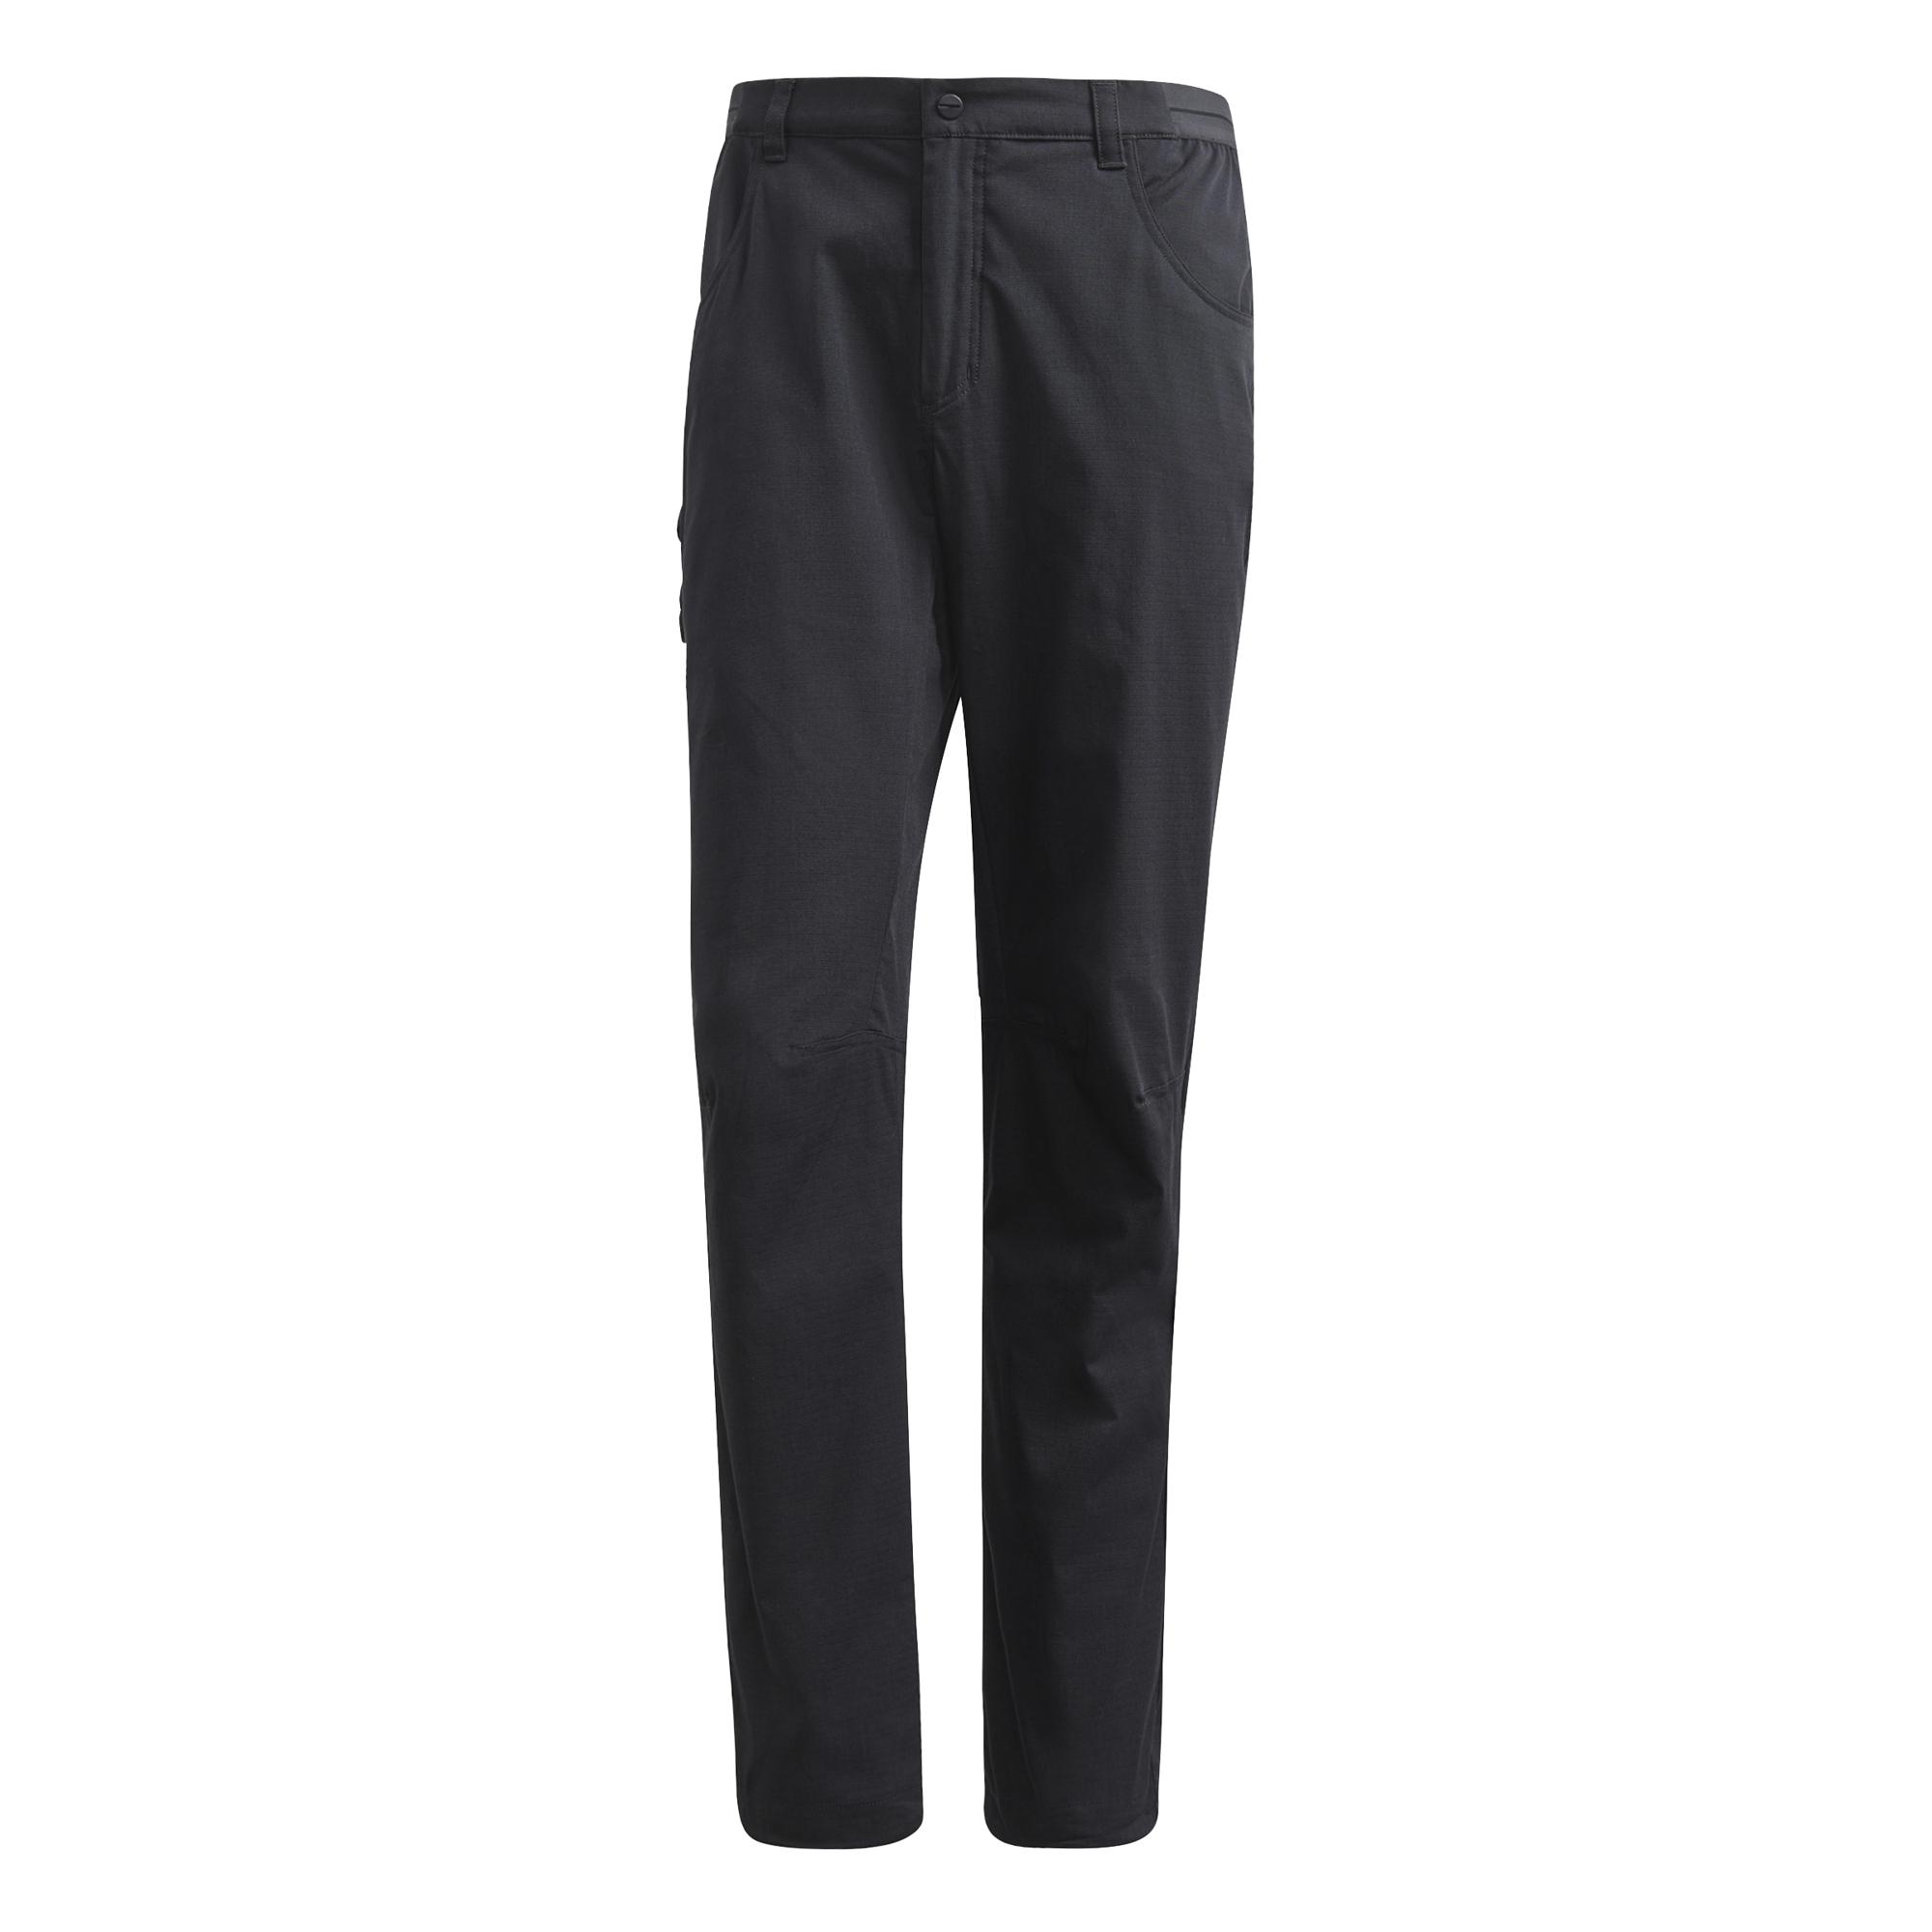 Pantalon adidas TERREX Felsblock